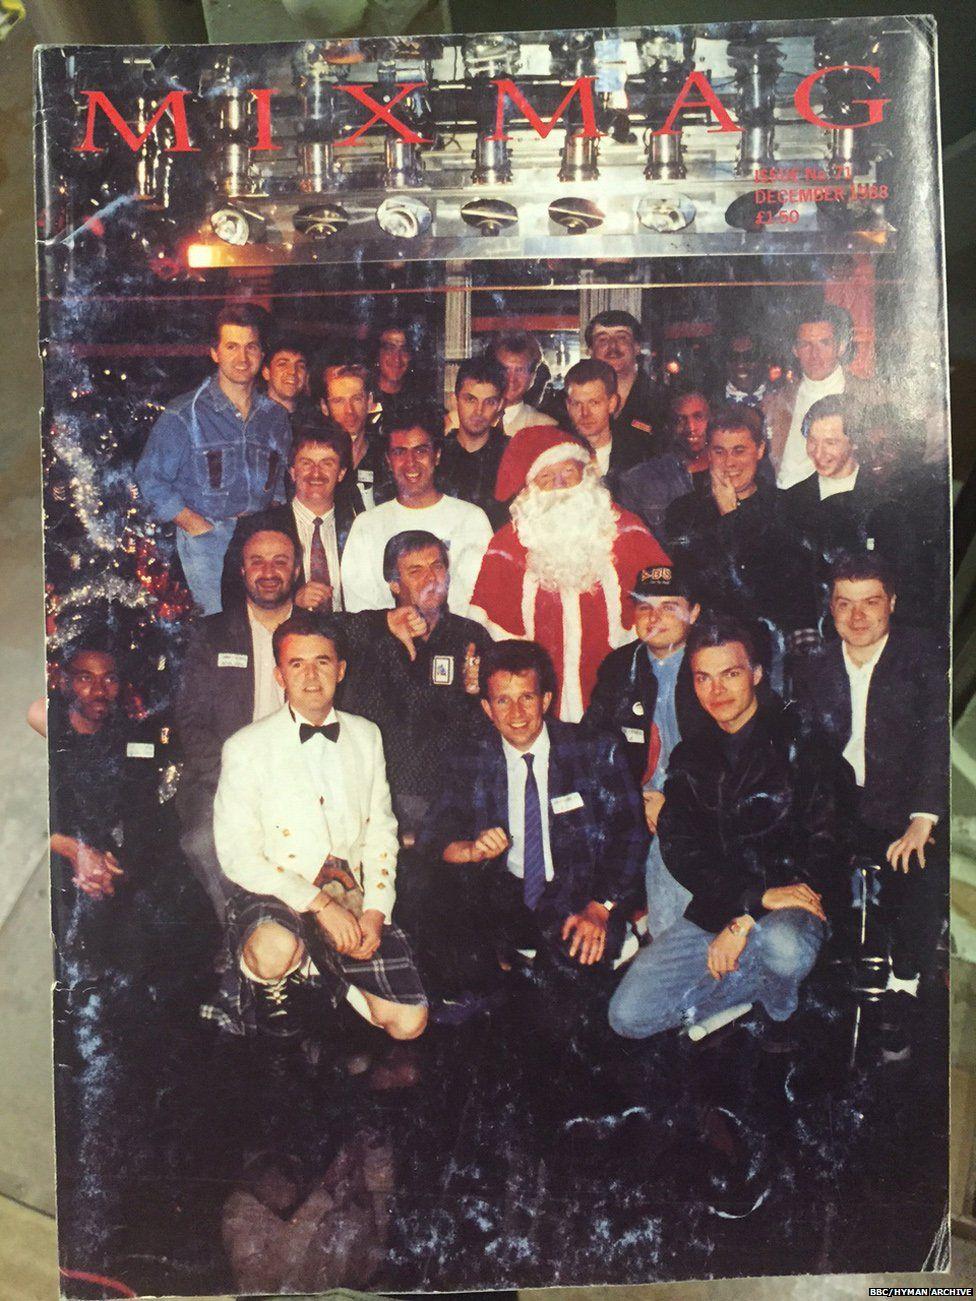 Mixmag, 1988